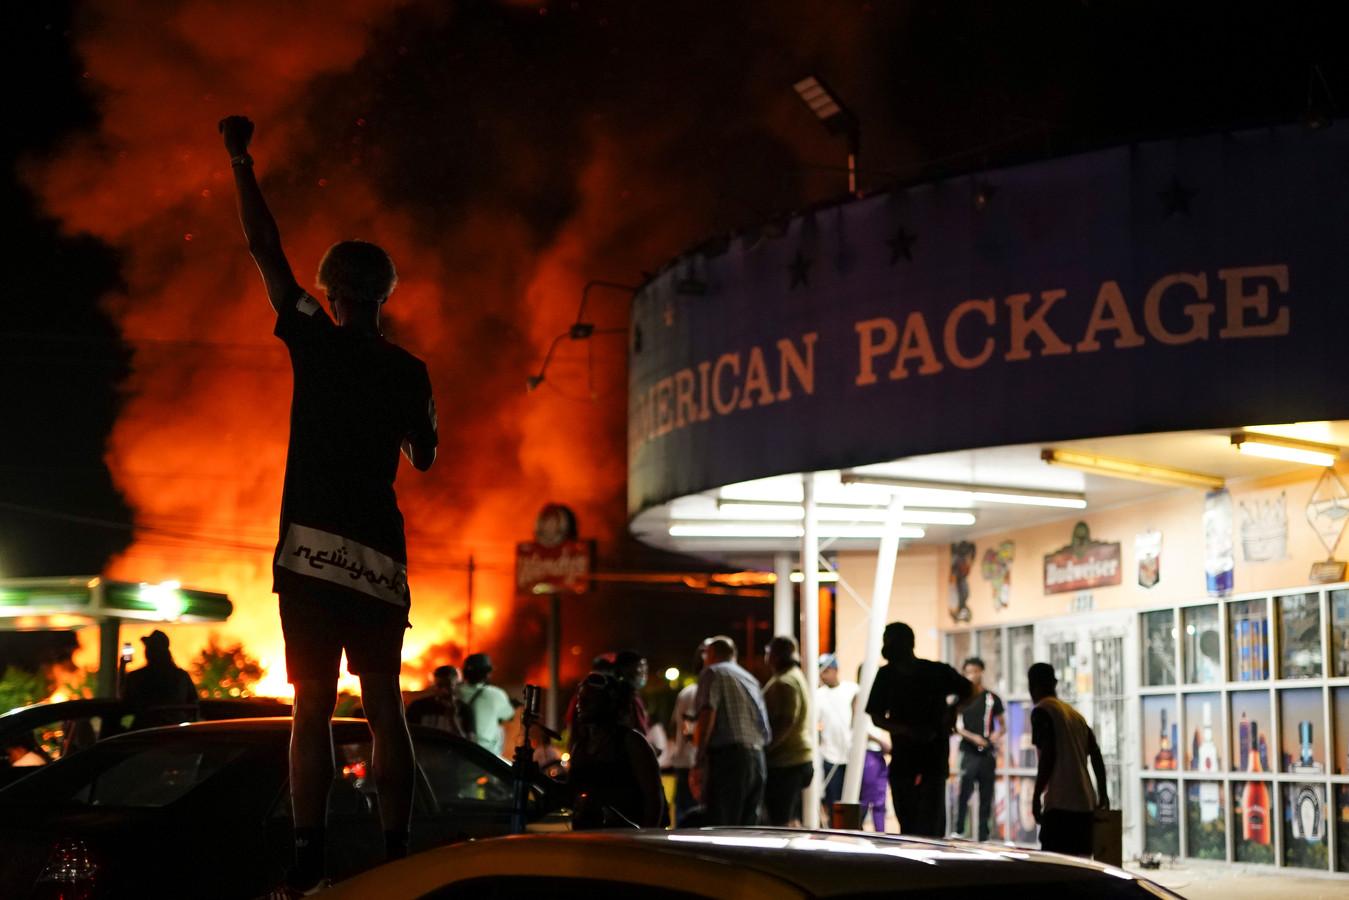 Het fastfoodrestaurant in Atlanta, waar vrijdag een zwarte man werd doodgeschoten door een politieagent, is afgebrand.